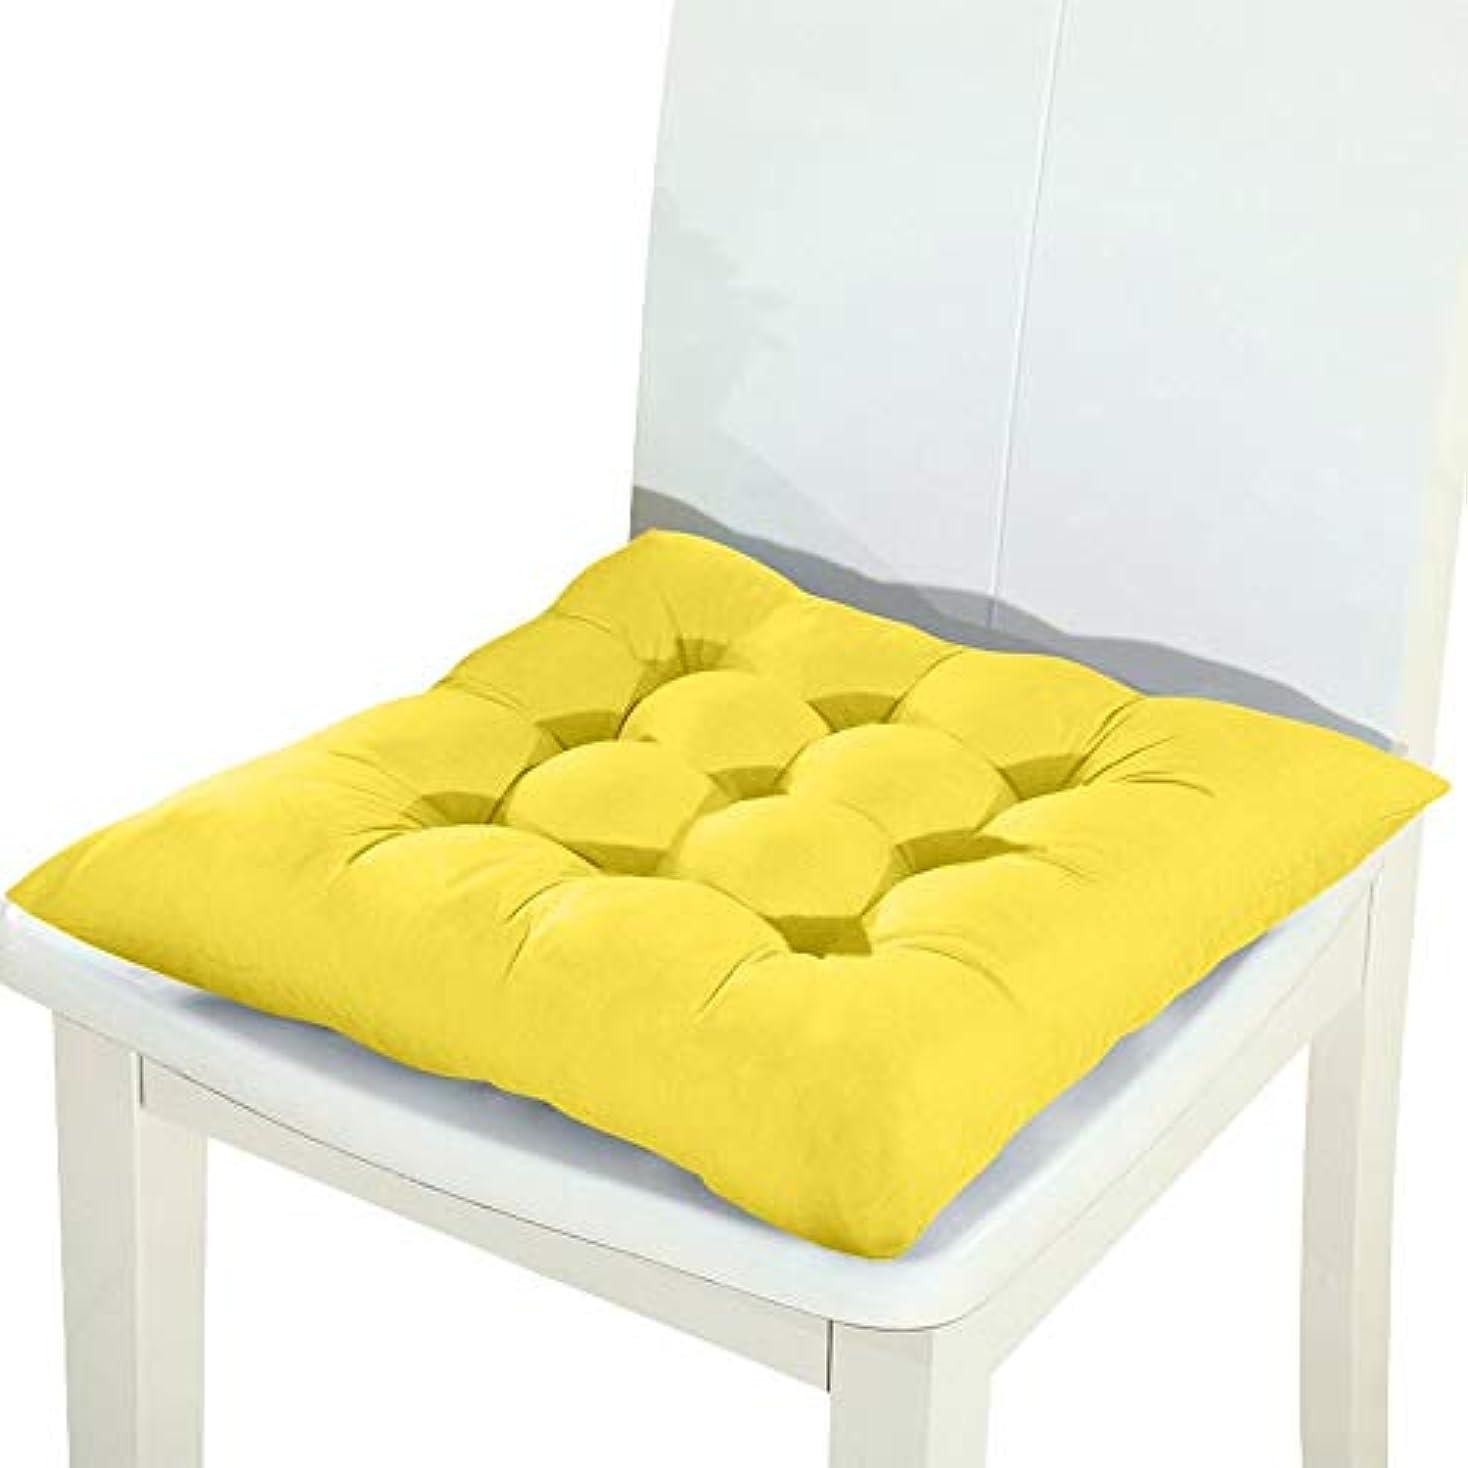 電気の男やもめ寮LIFE 1/2/4 個冬オフィスバー椅子バックシートクッションシートクッションパッドソファ枕臀部椅子クッション 37 × 37 センチメートル クッション 椅子